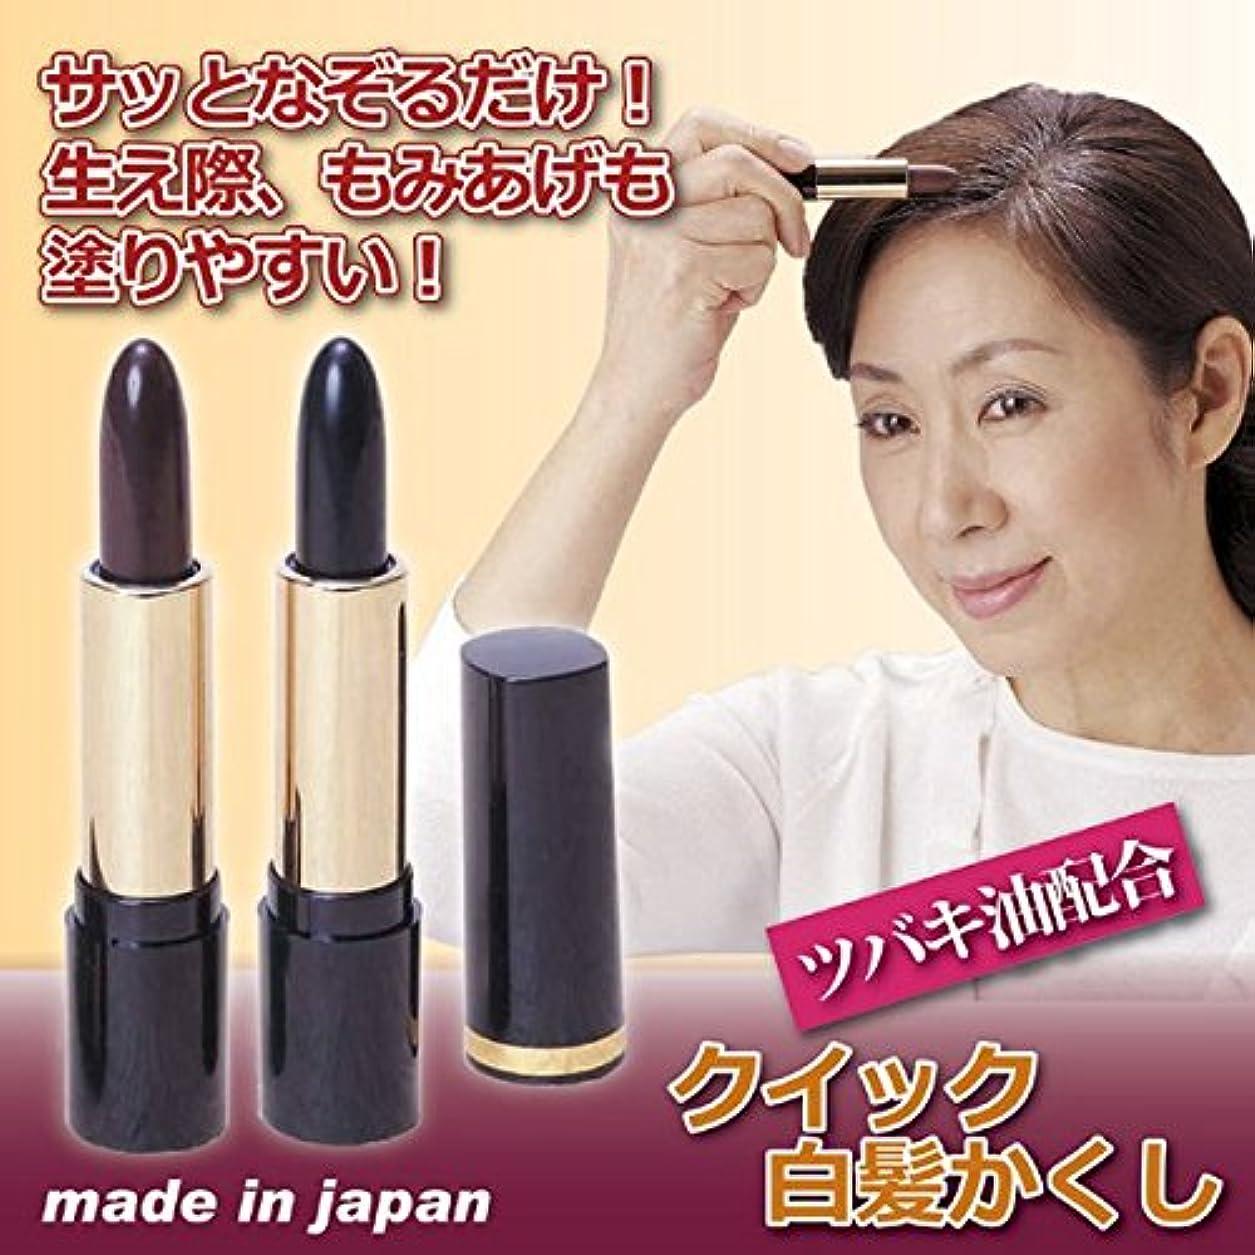 牛肉ボード真珠のようなクイック白髪かくし (男女兼用/ブラウン) 無香料 日本製